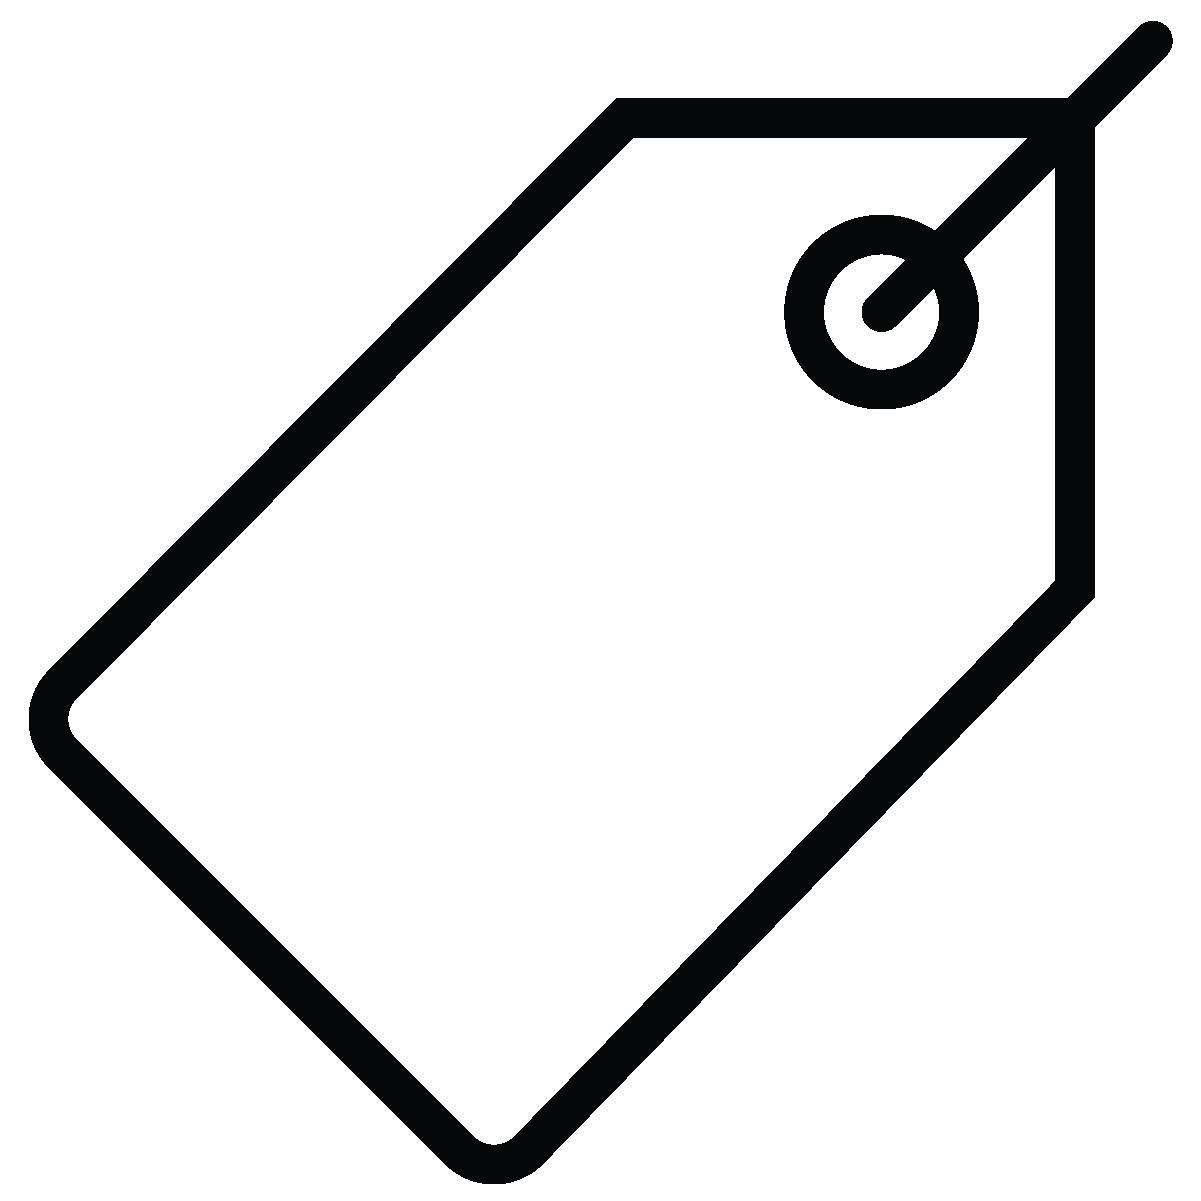 Icons_Logos.png